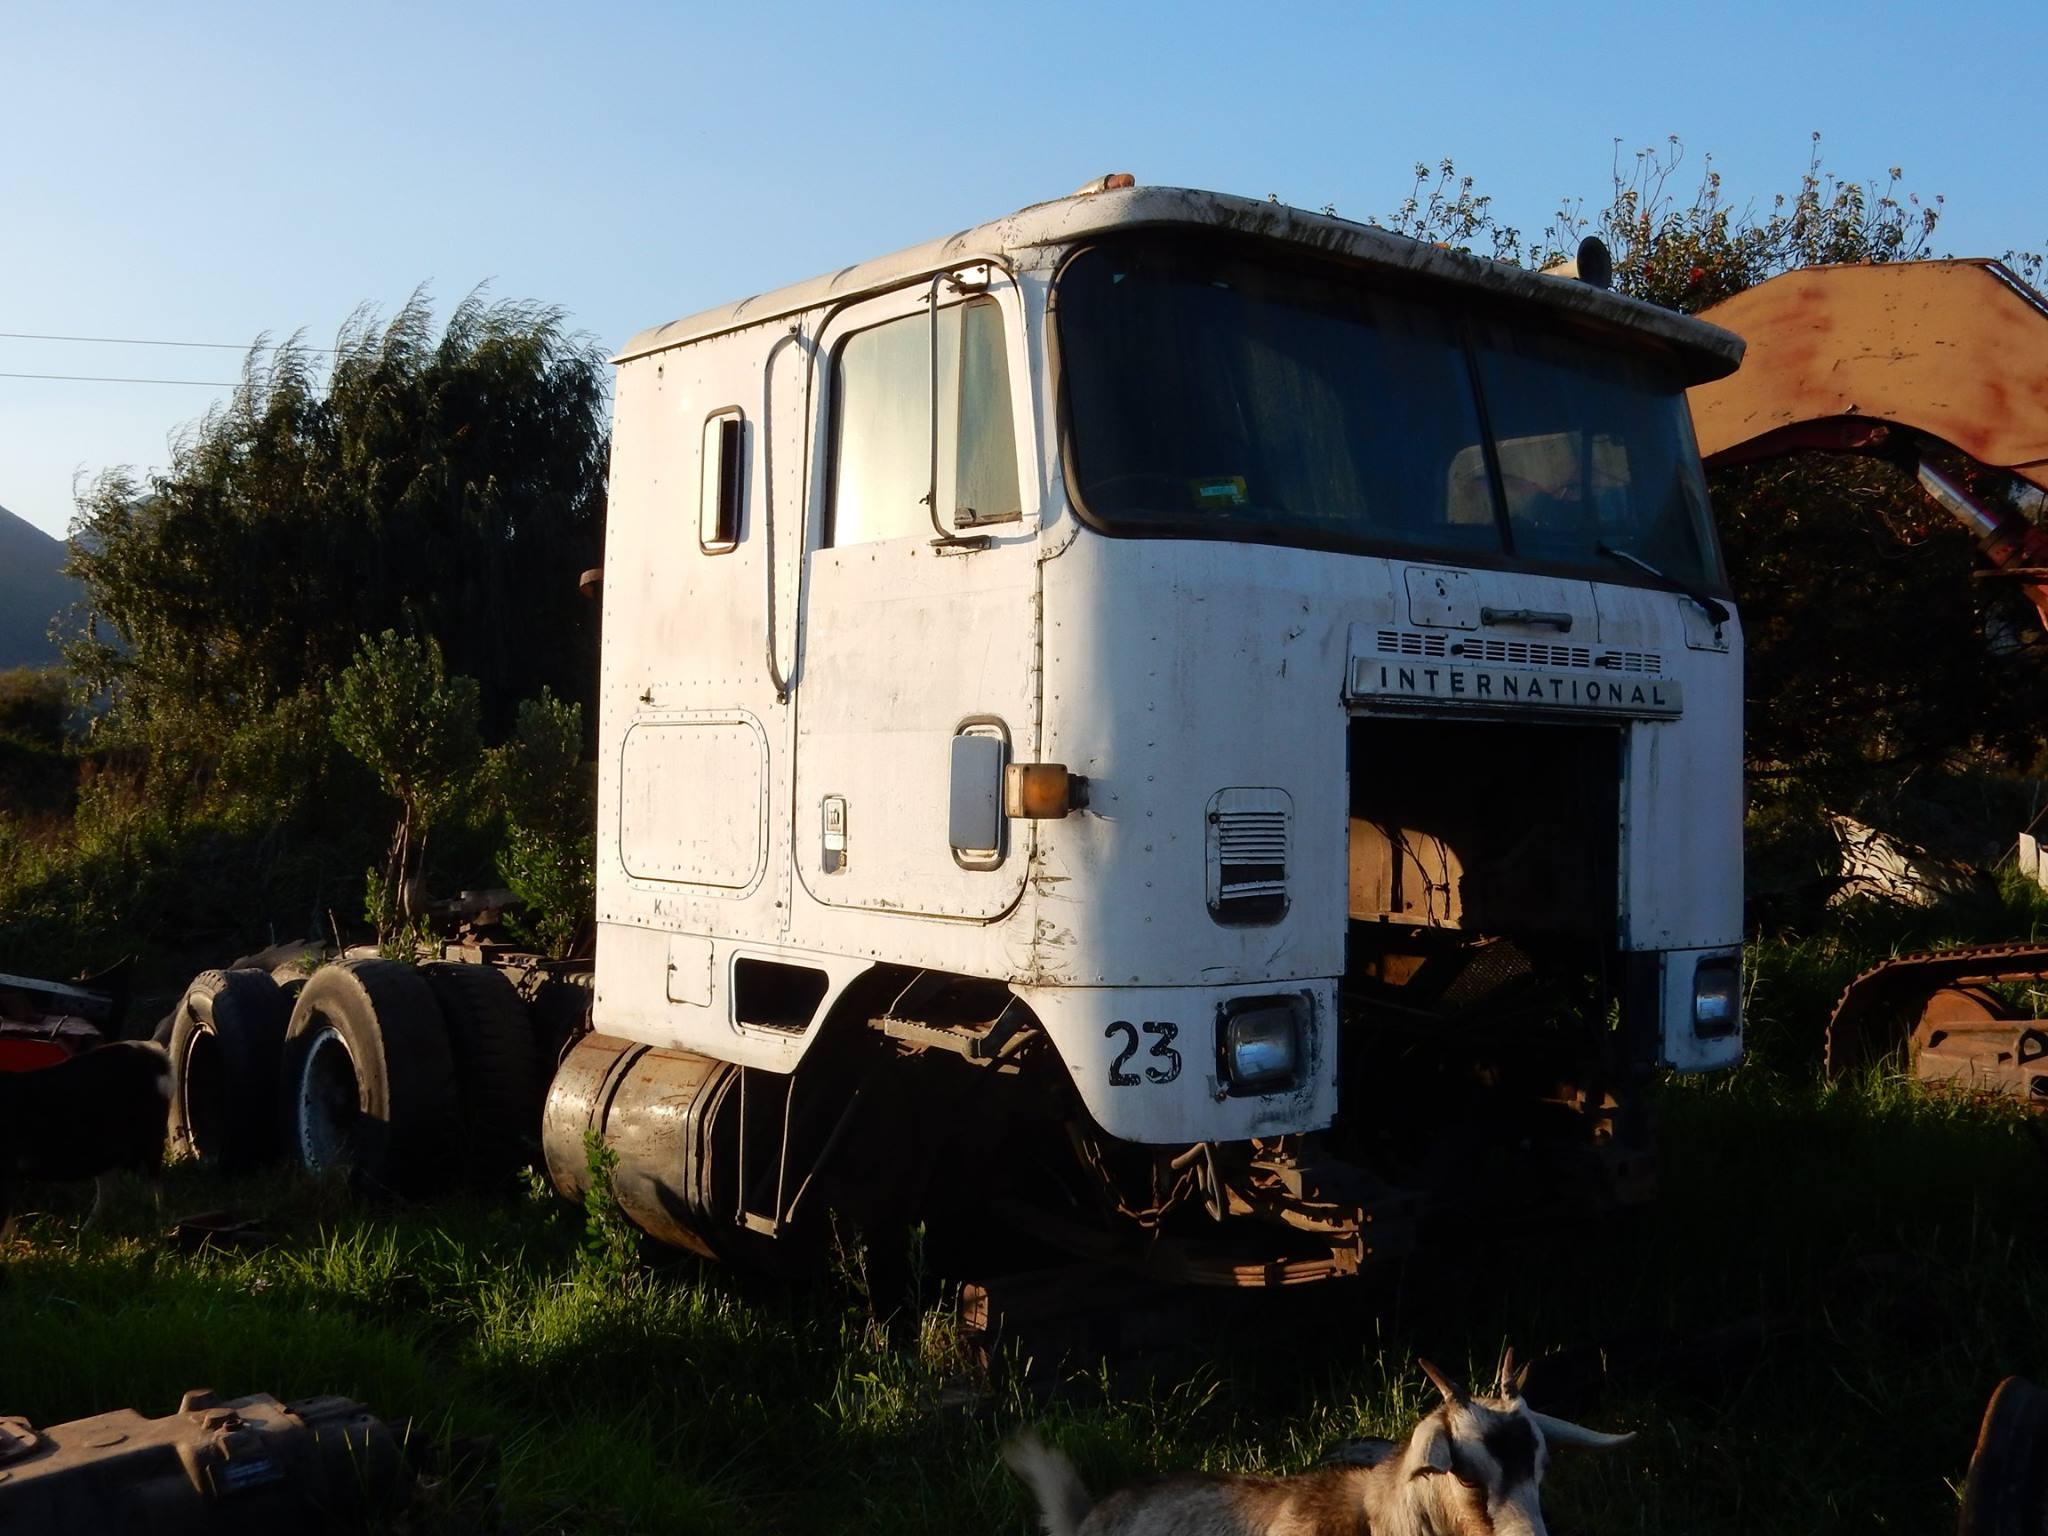 Camiones-vieja-escuela-olvidados-93